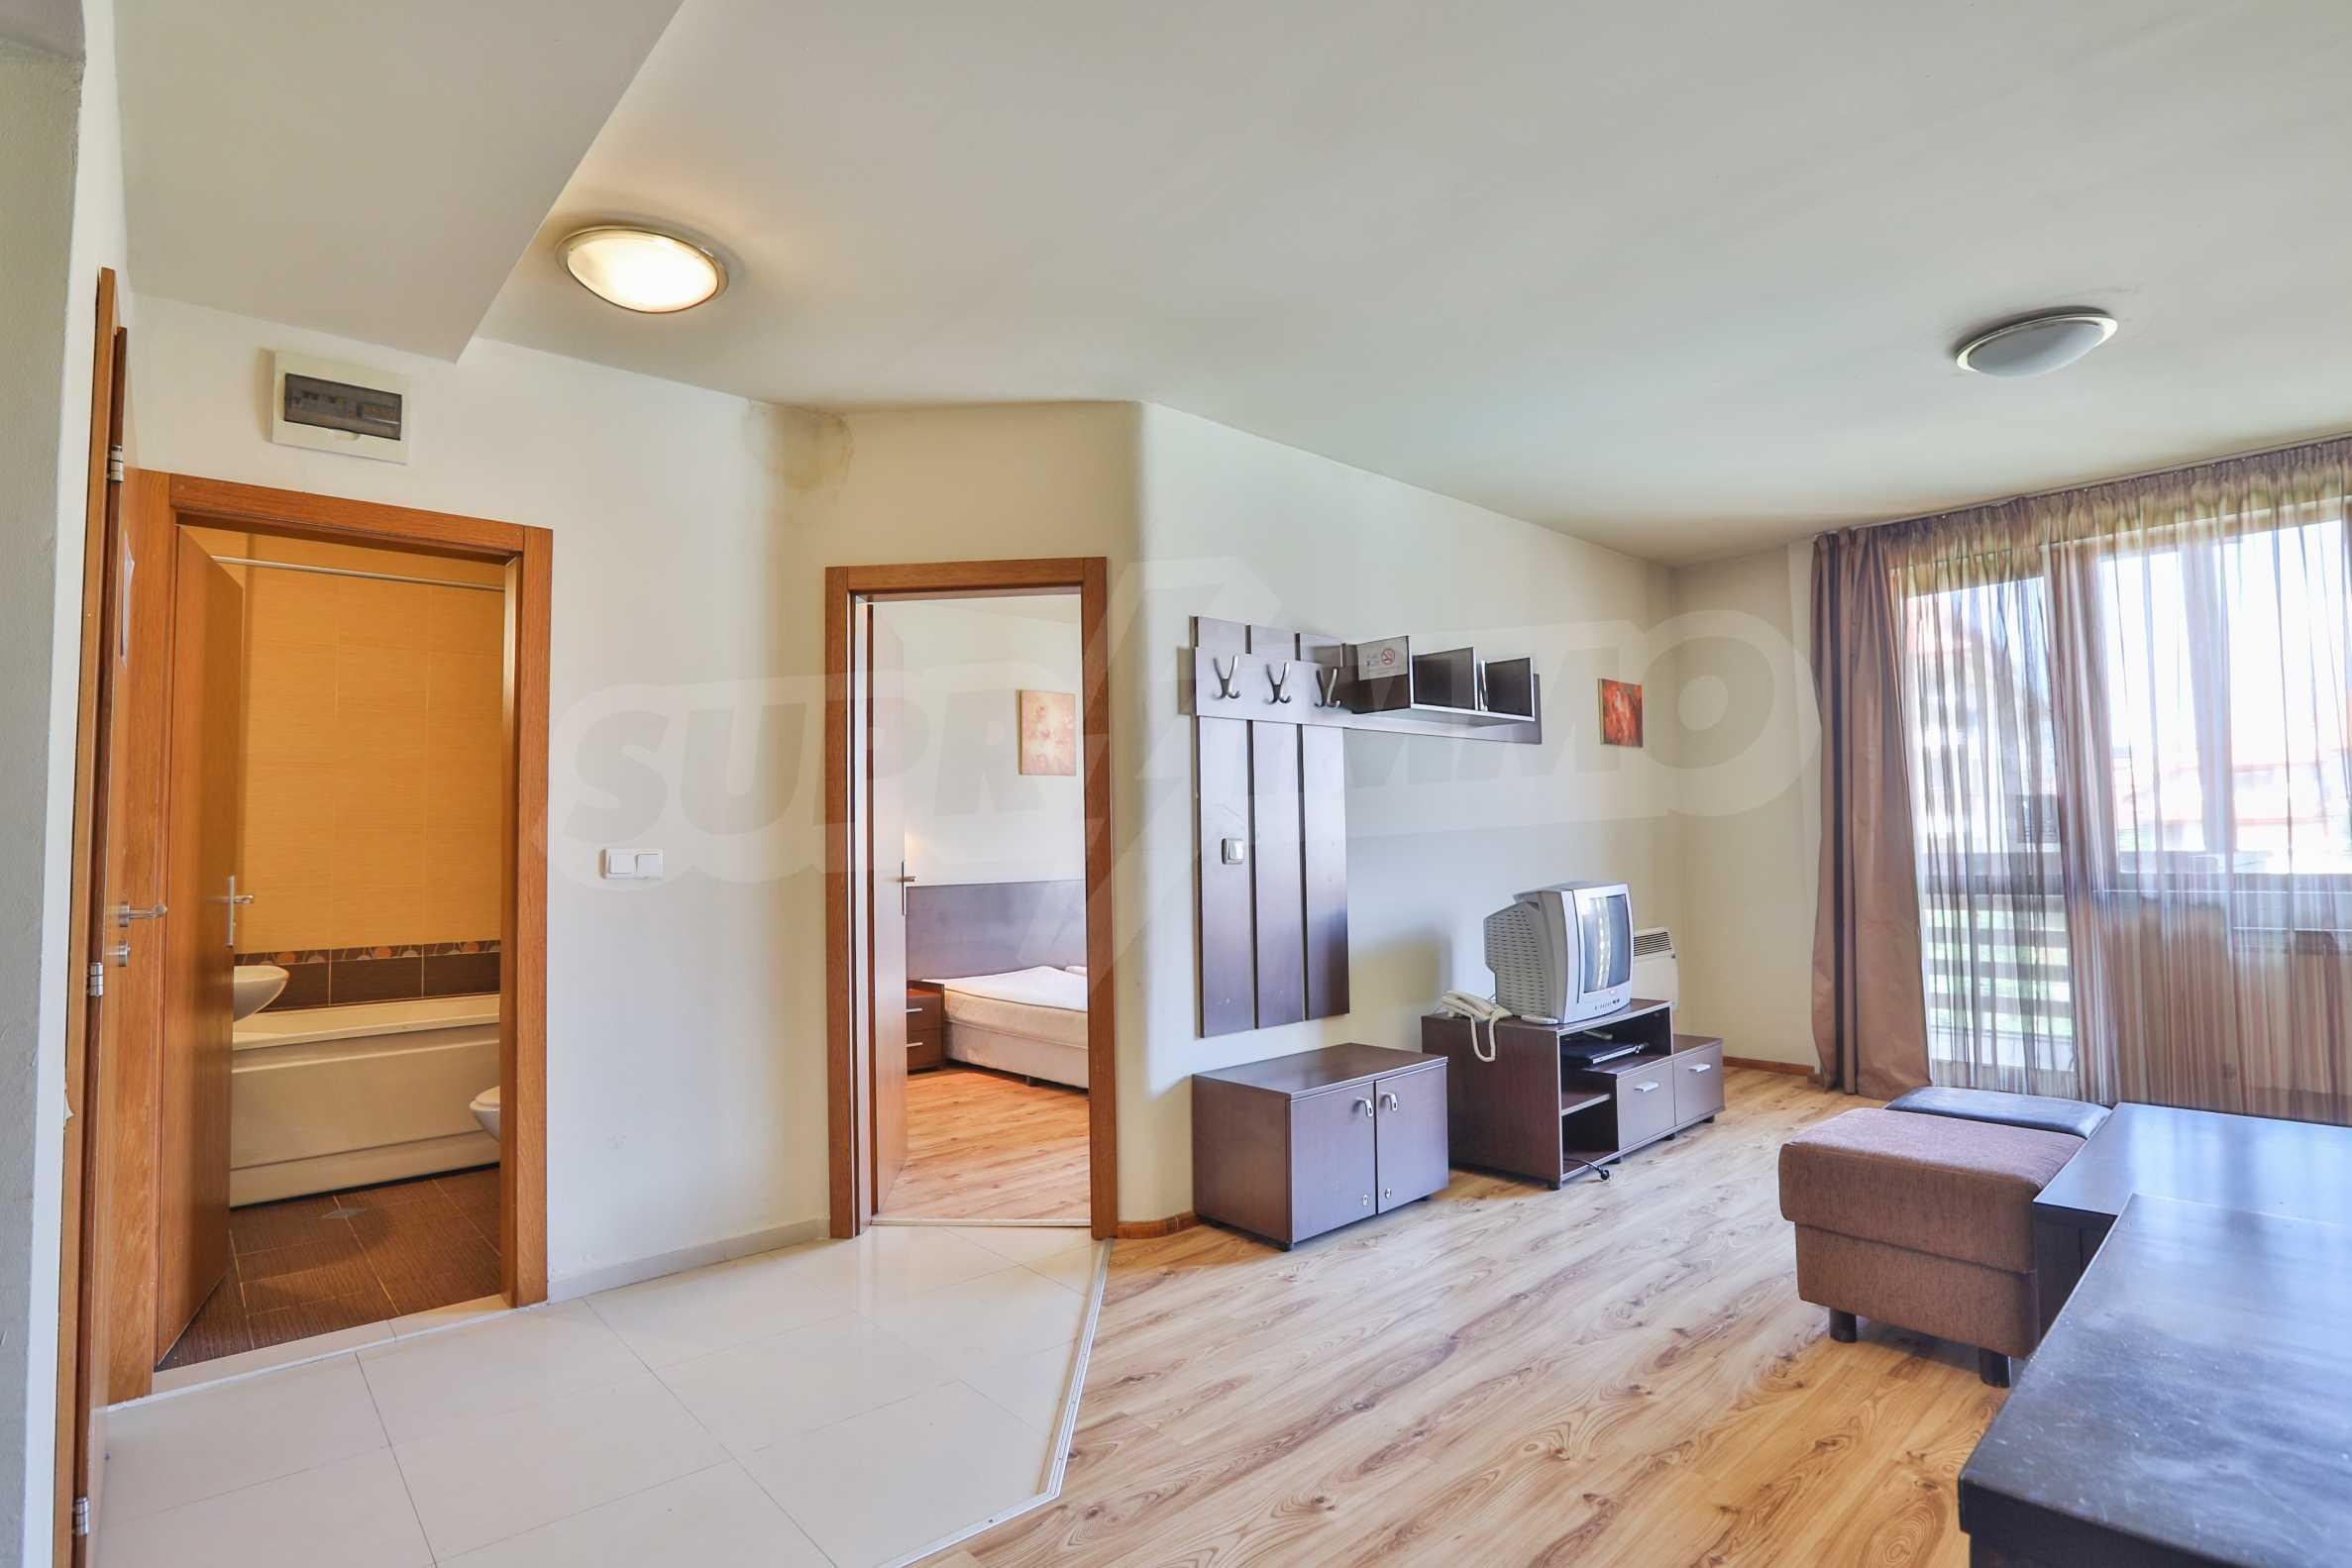 Едноспален апартамент намиращ се в един от най-известните ски курорти - Банско 1